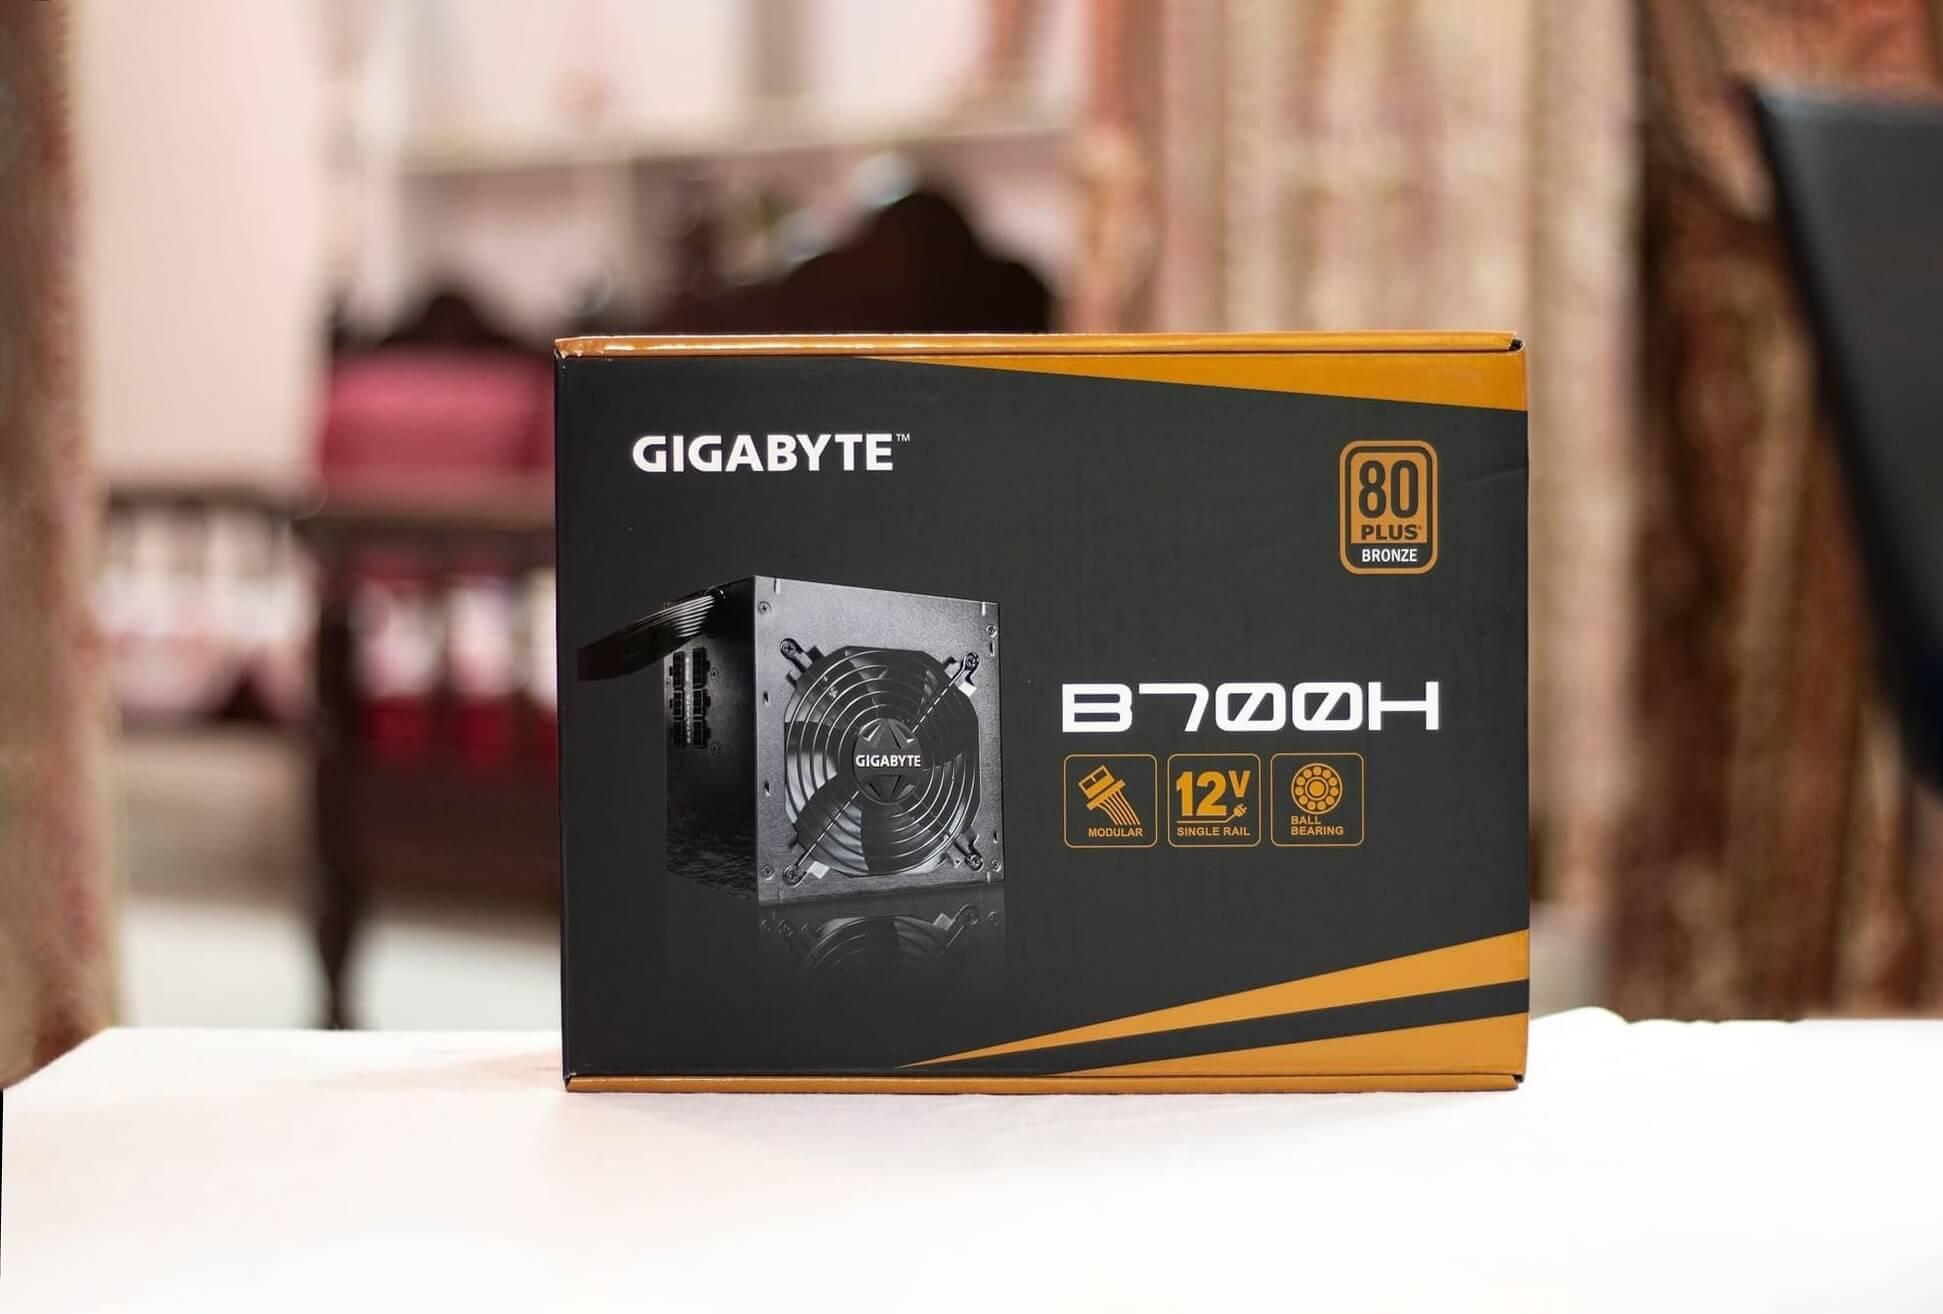 Gigabyte B700H Box Front